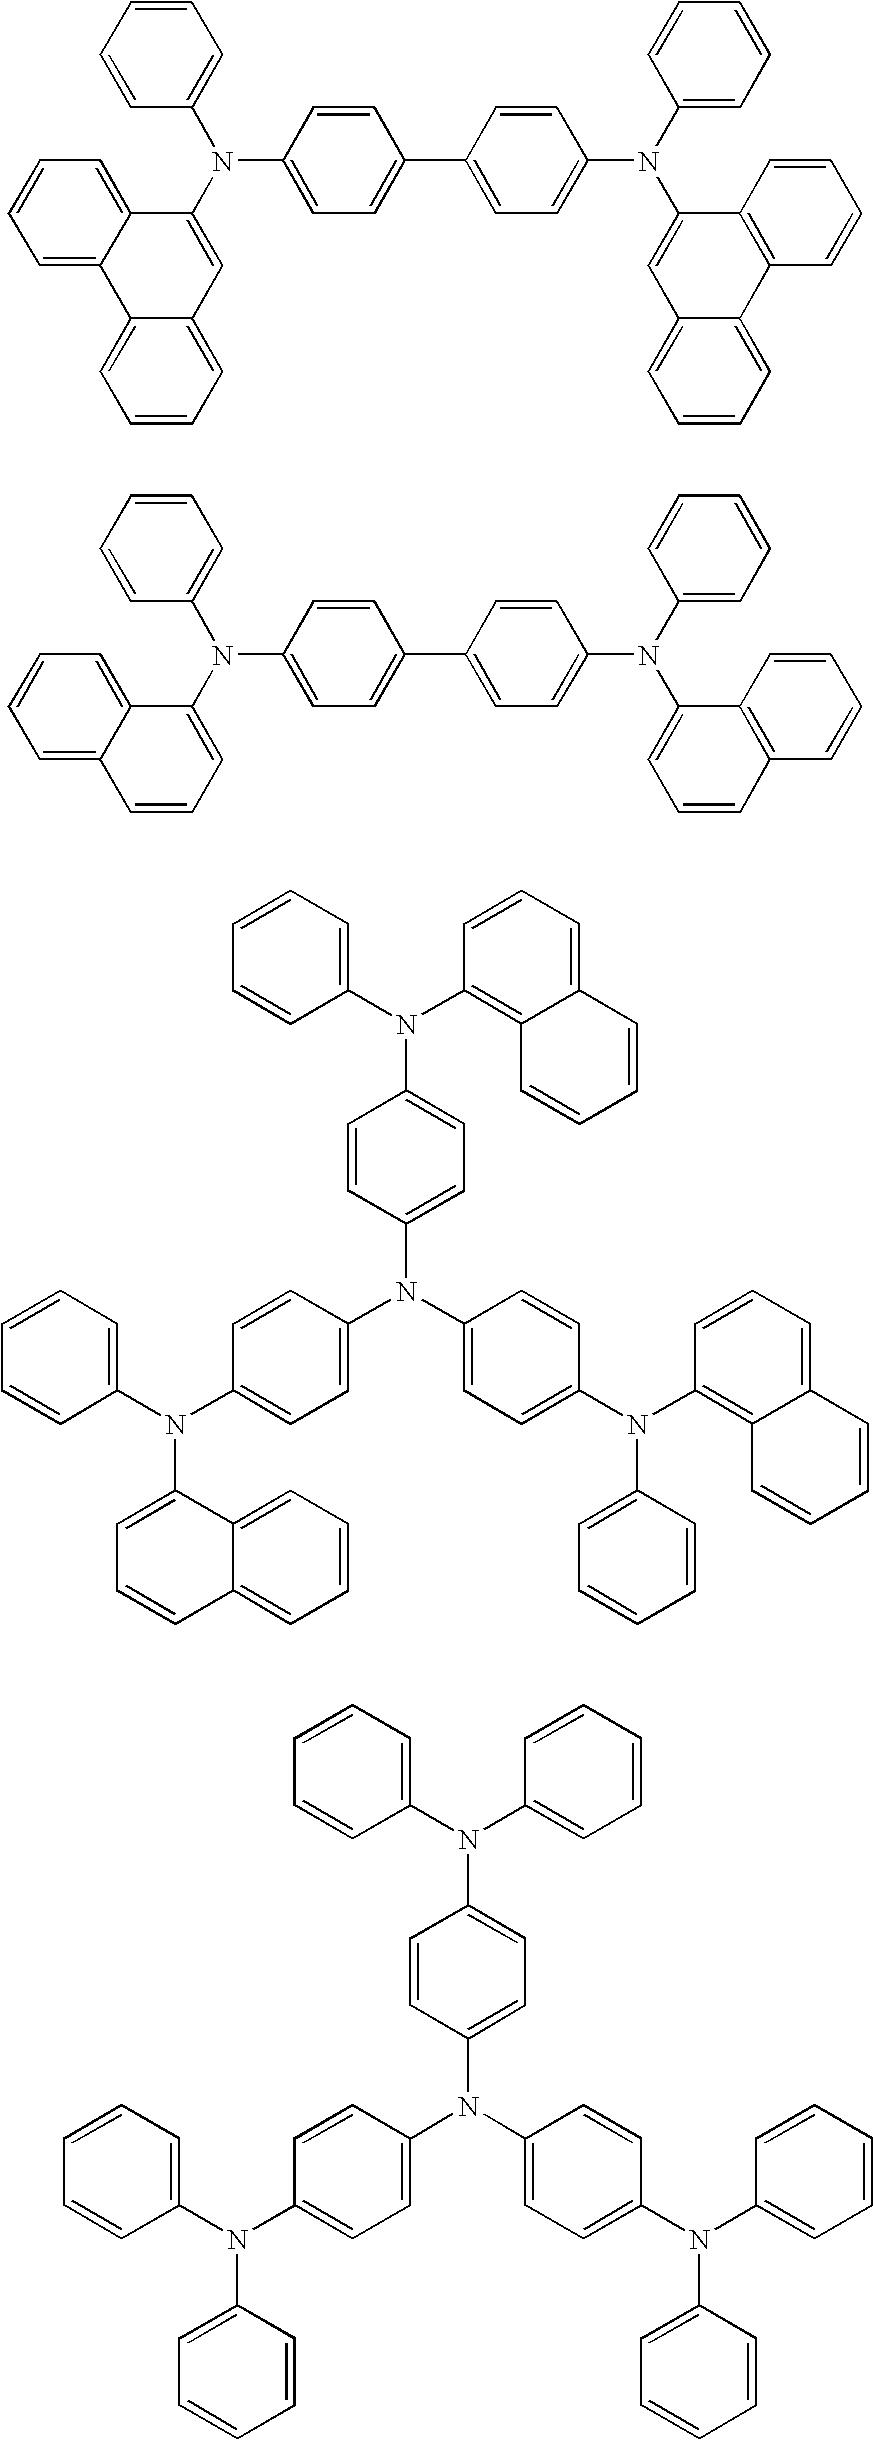 Figure US20080238300A1-20081002-C00002